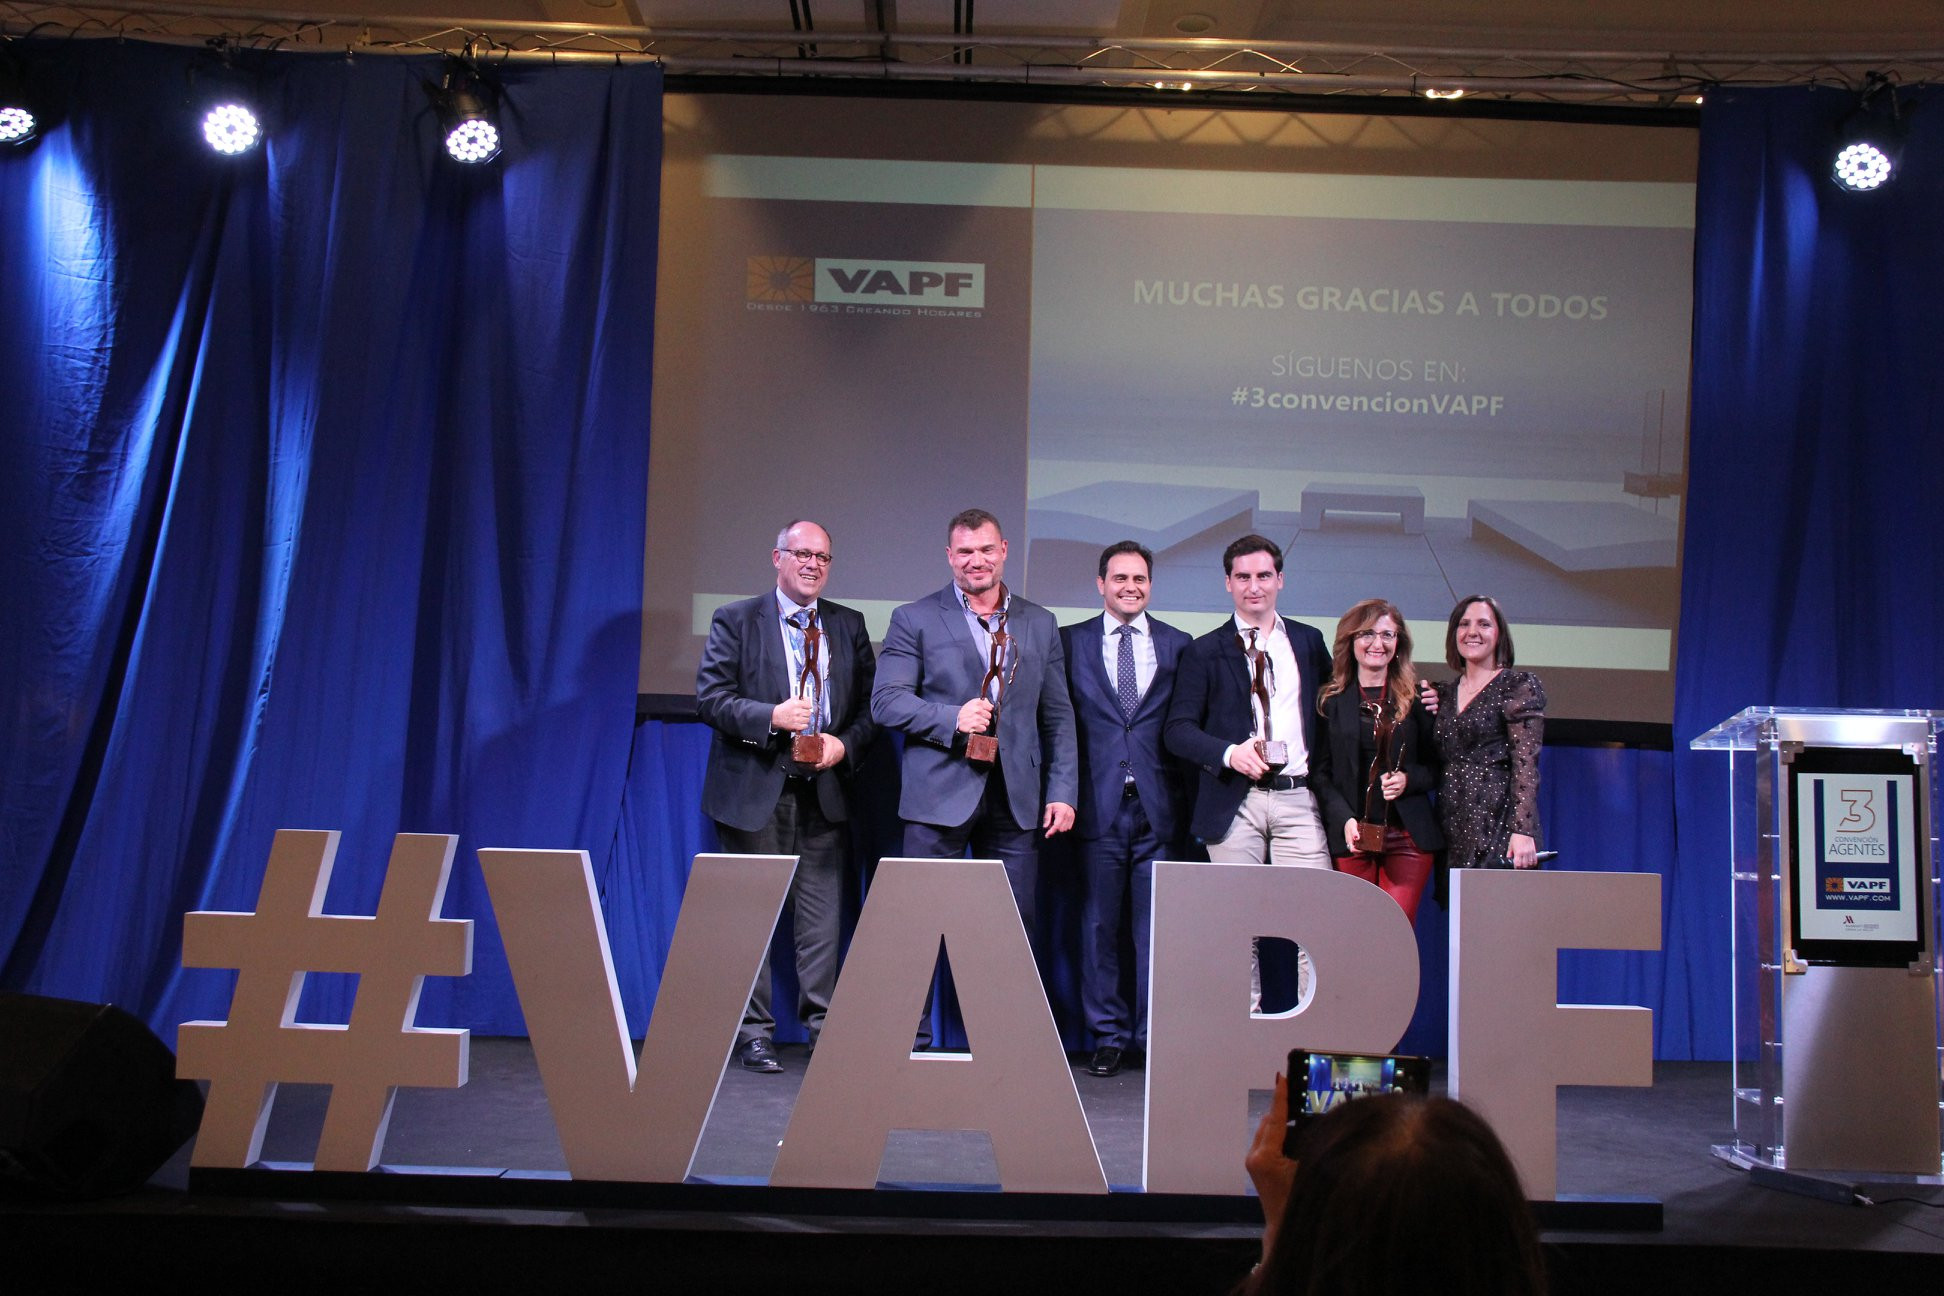 agenten conventie 2019 grupo vapf